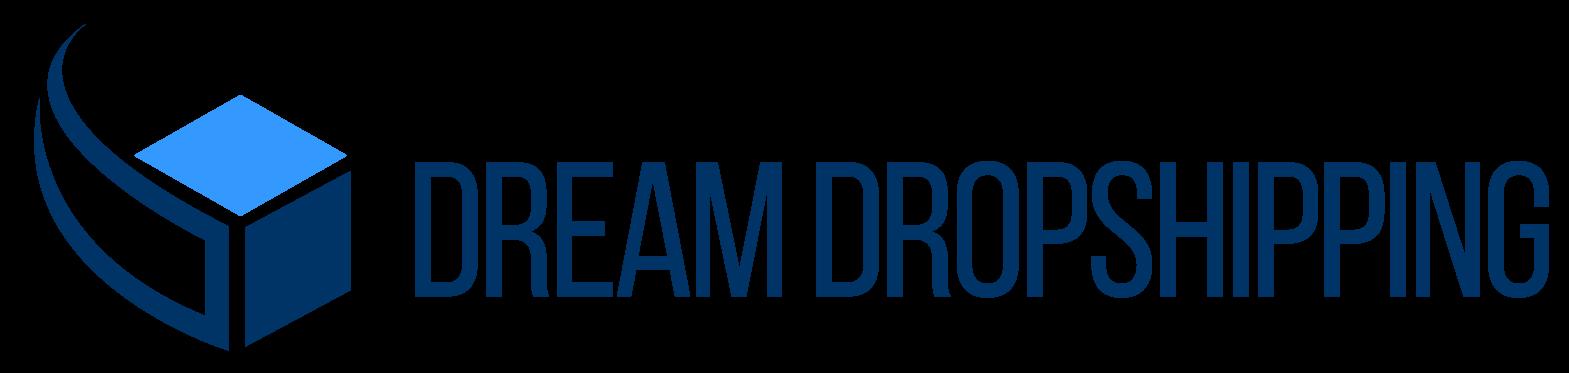 分享我用来赚钱的方法,享受在亚马逊上销售零库存的自由,而且不需要在产品上花任何钱。(Dream Dropshipping)